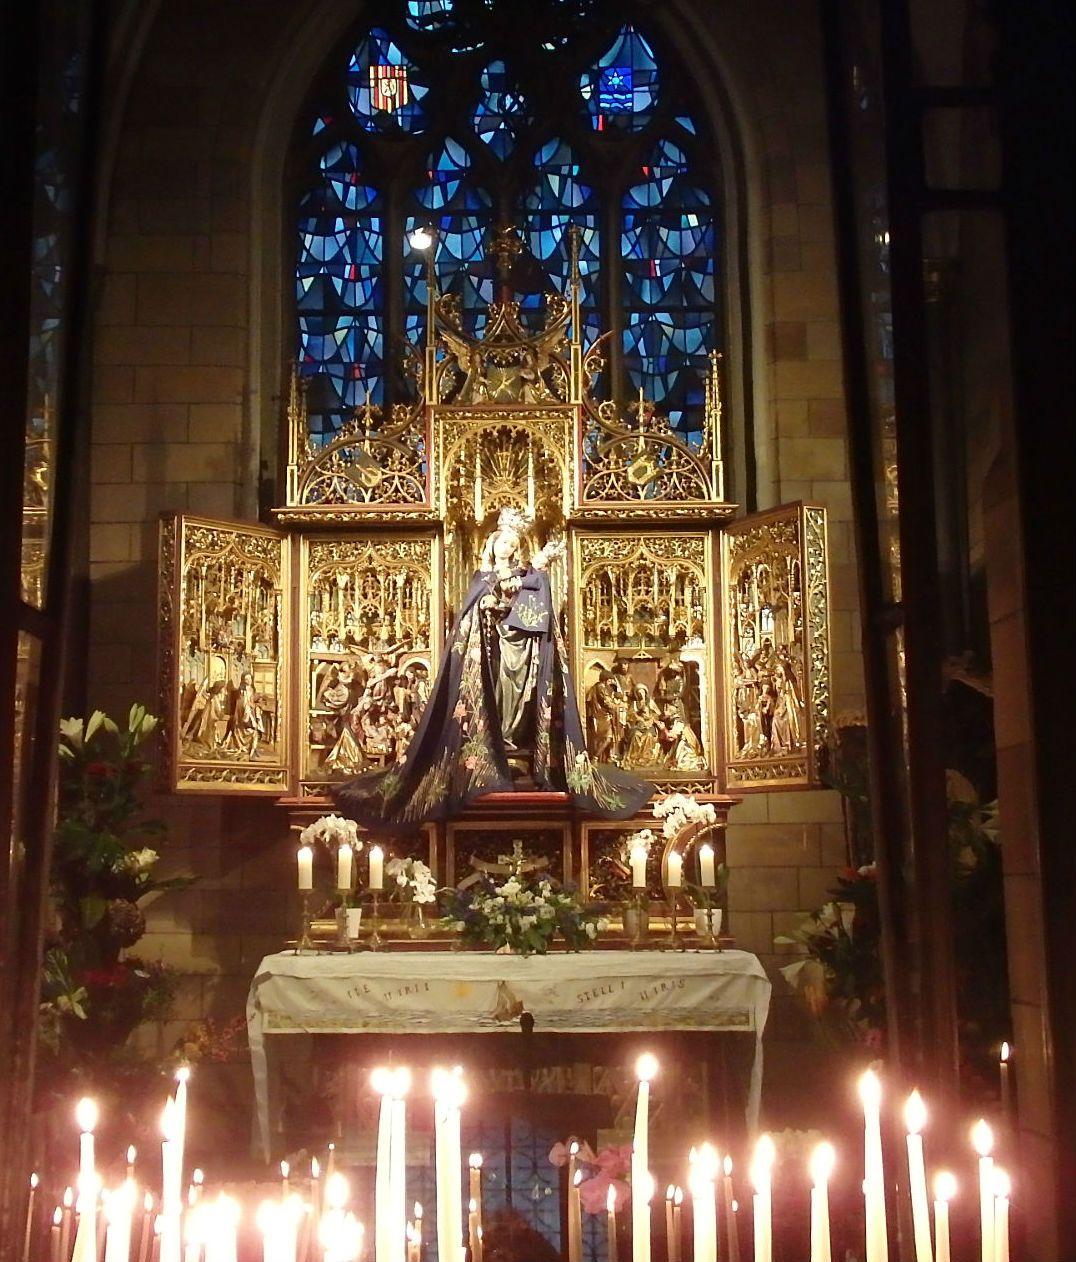 ユニークな教会「聖母マリア教会」